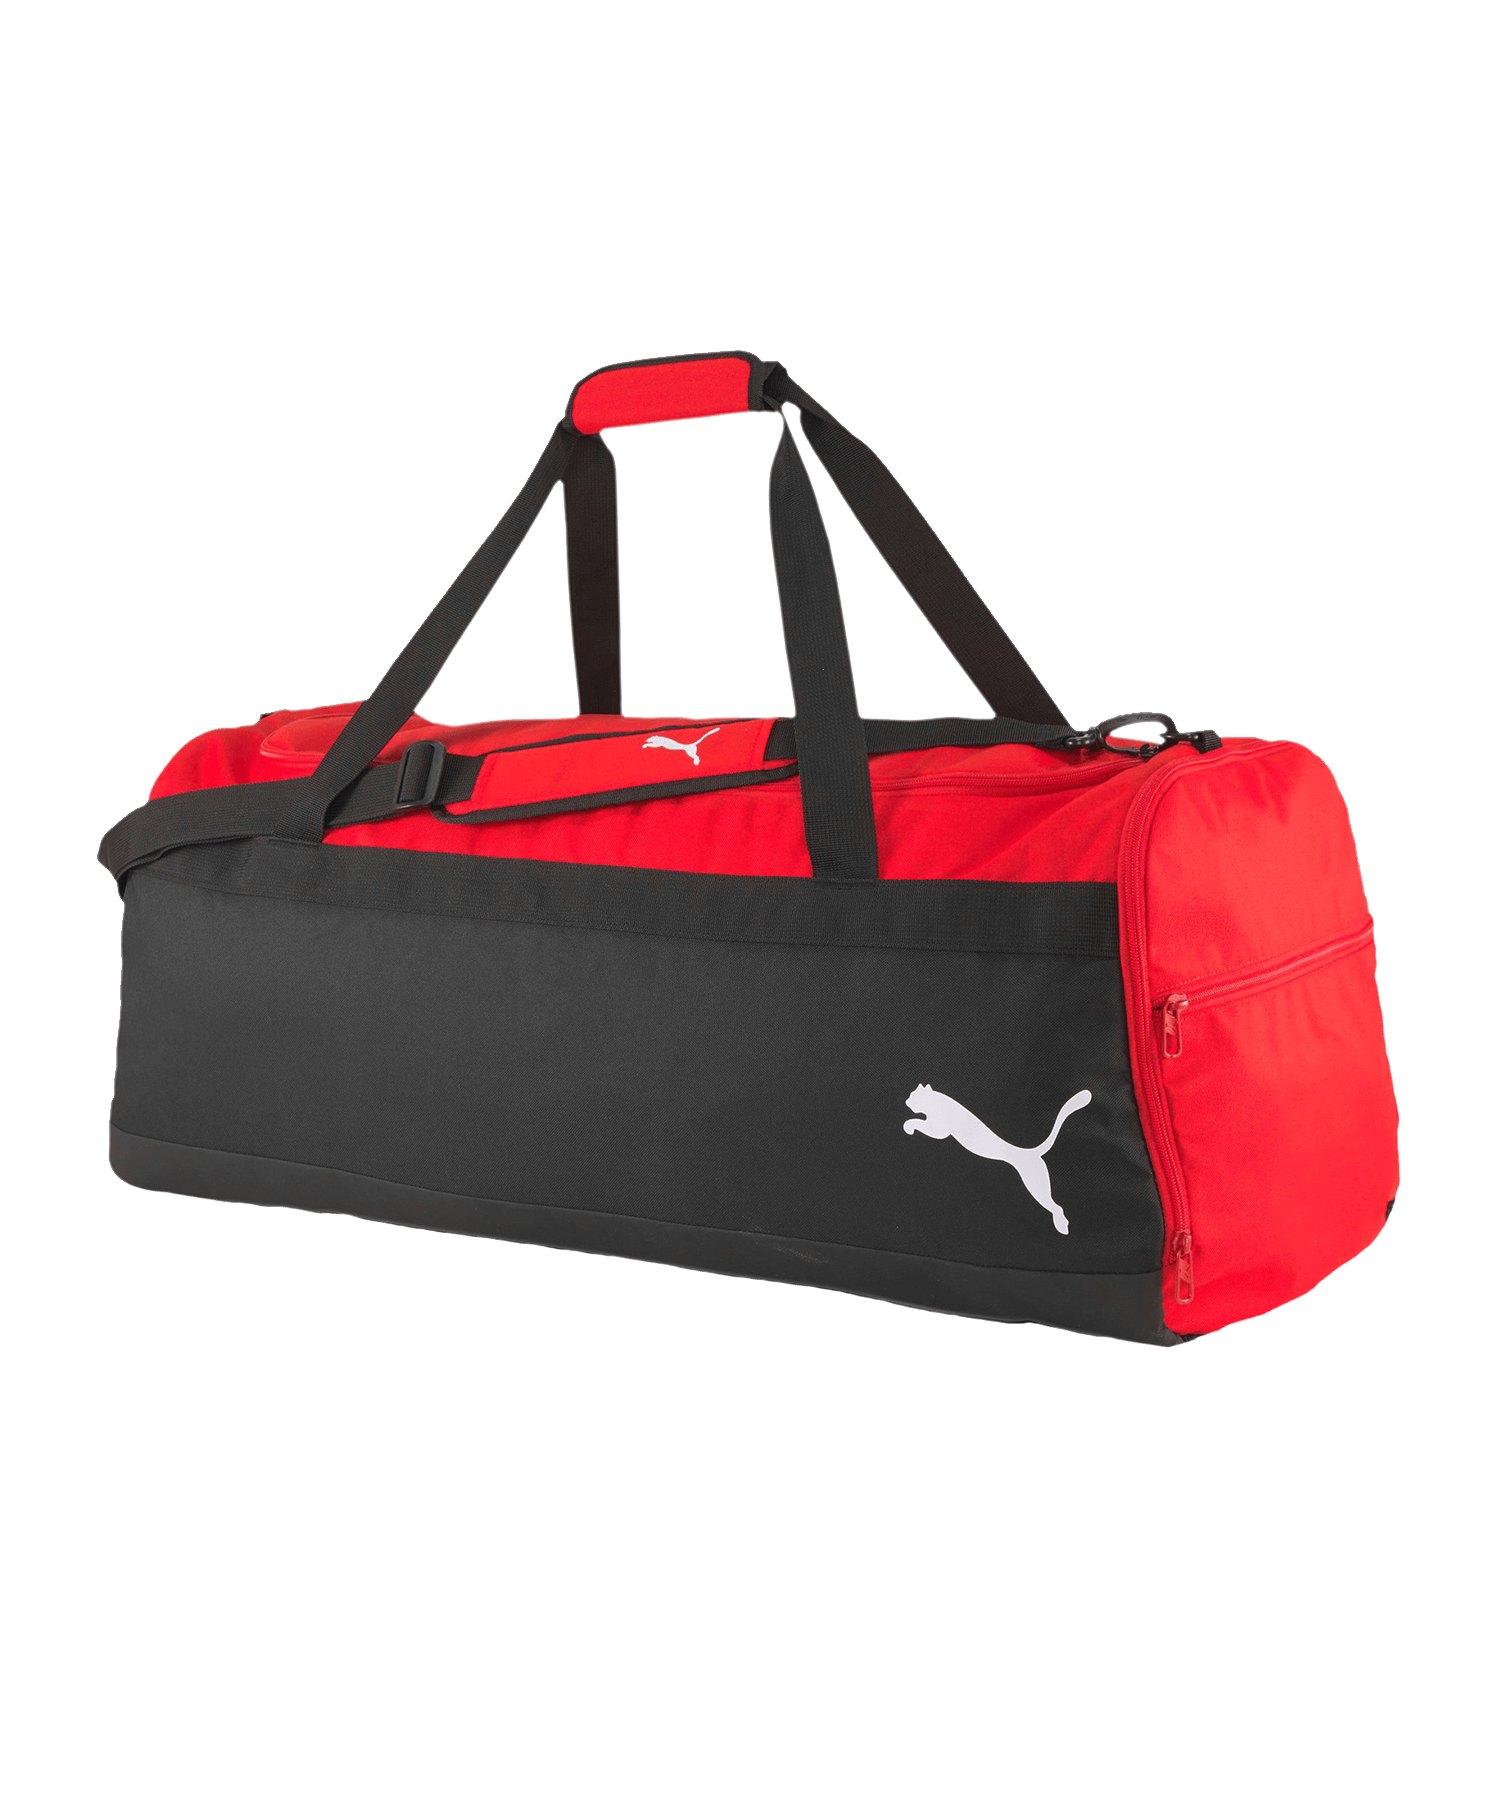 PUMA teamGOAL 23 Teambag Sporttasche GR. L F01 - rot